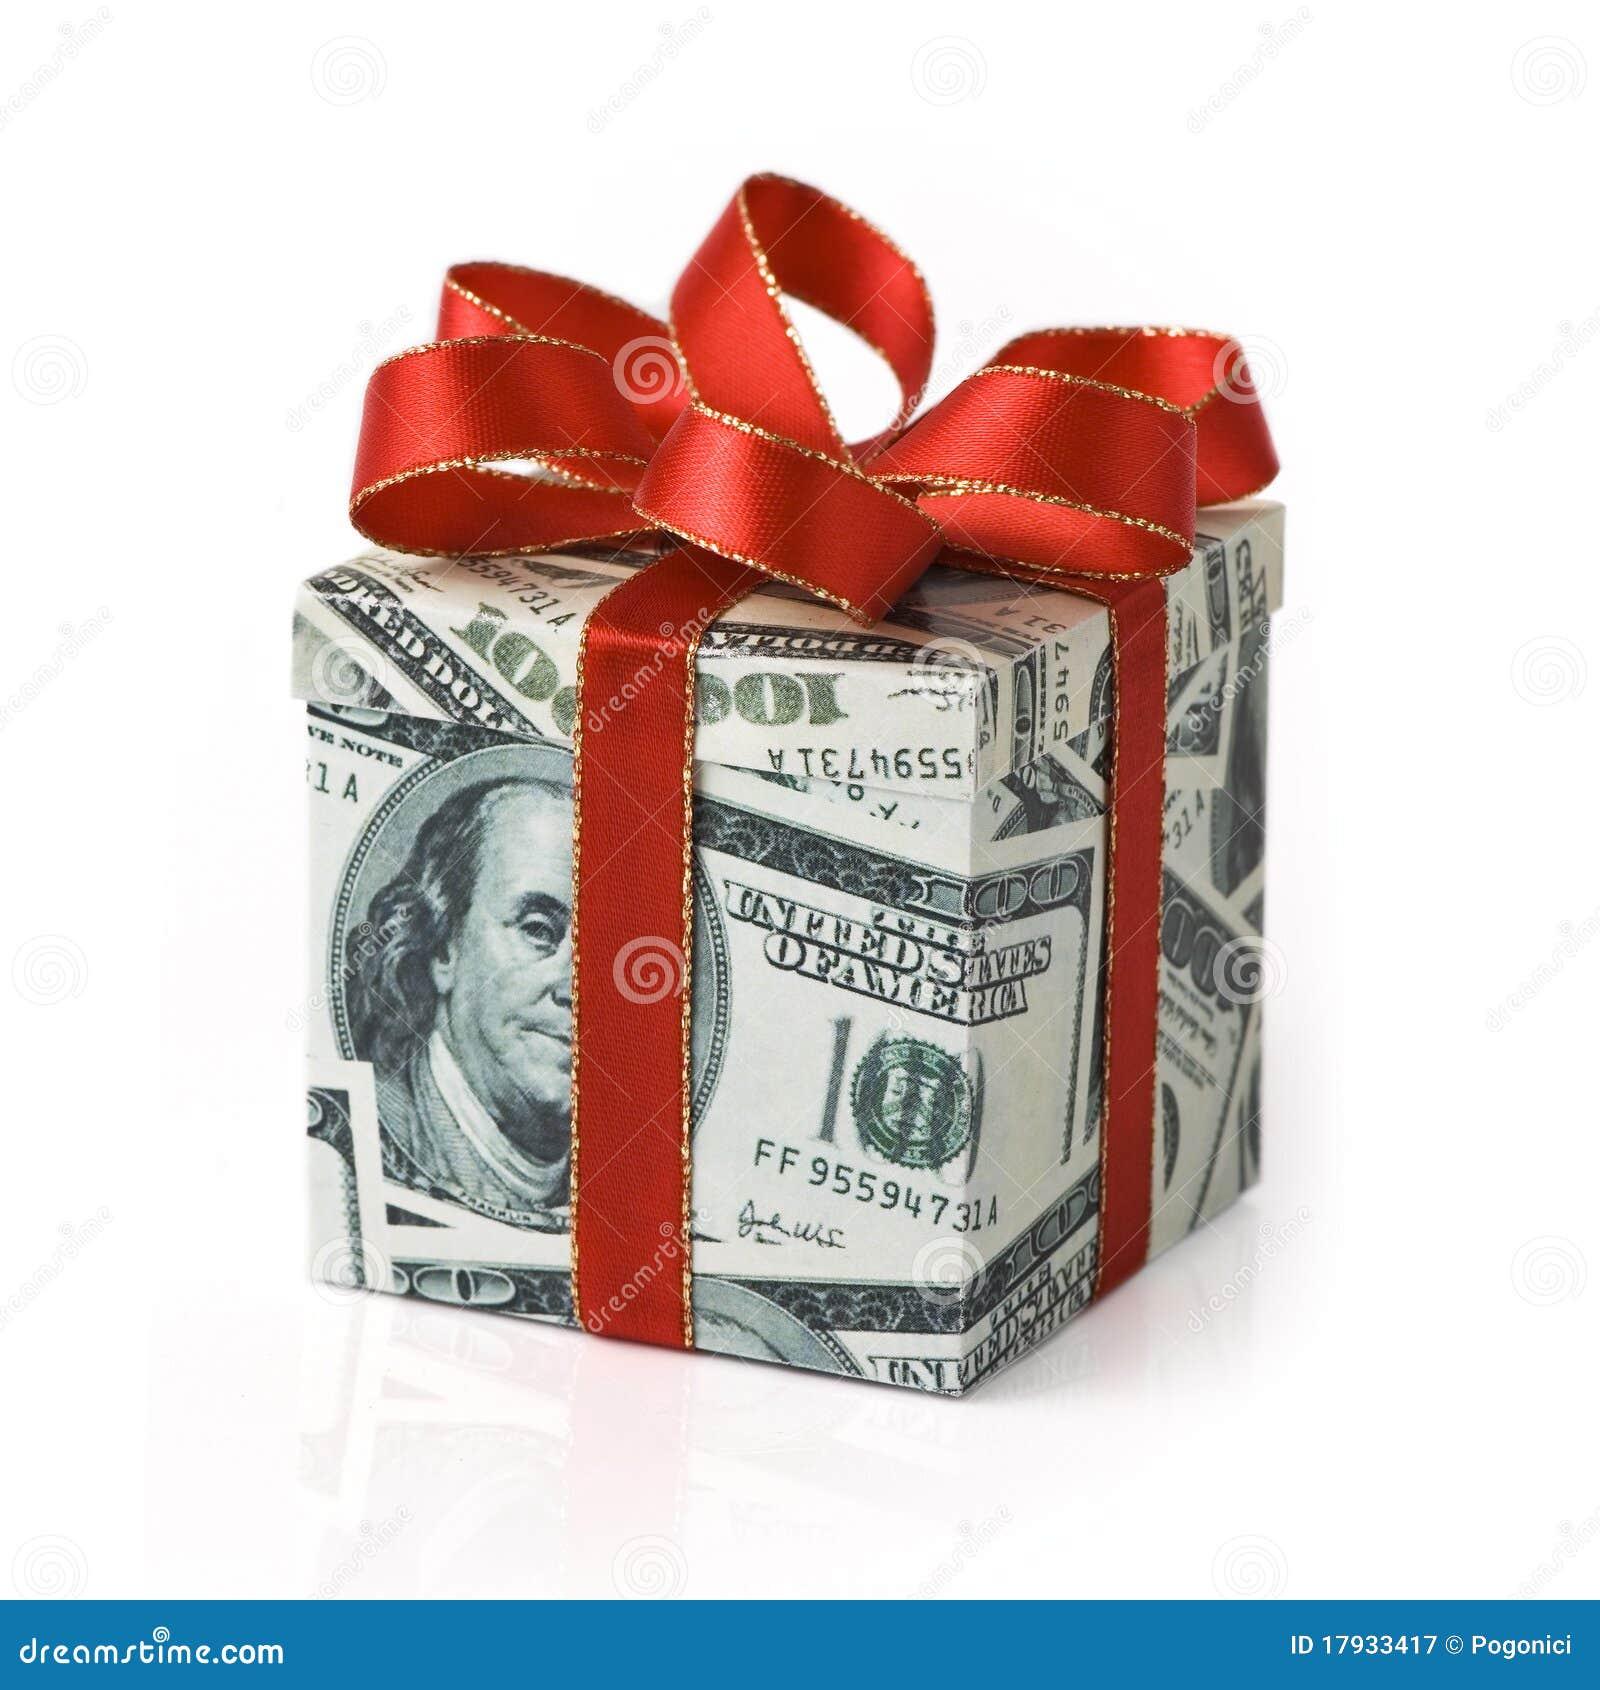 Стихи к подарку деньги - прикольные, серьезные, смешные, на свадьбу, на 79